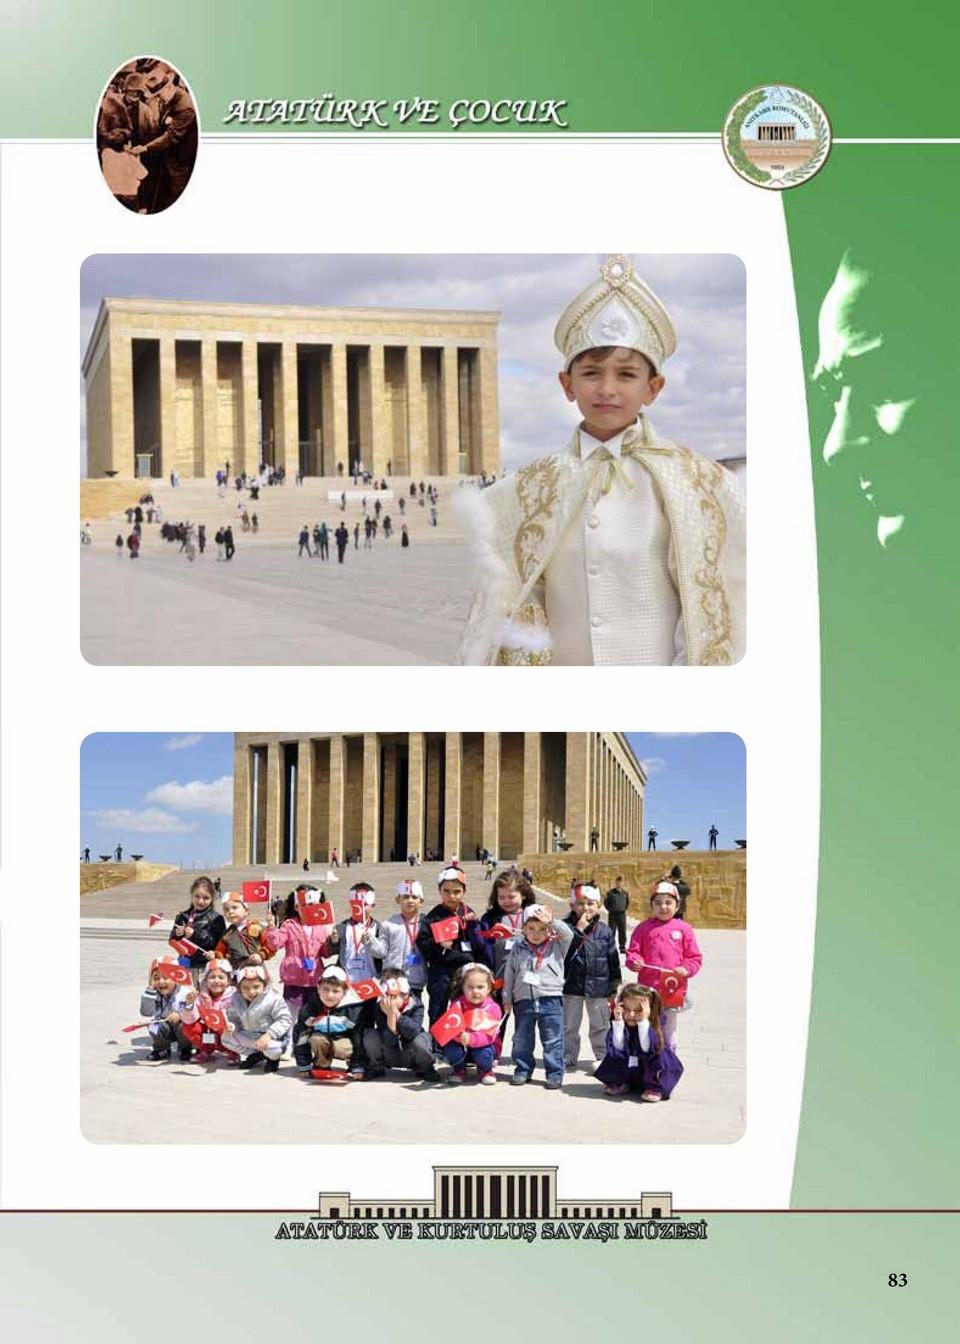 ataturkvecocuk-page-085